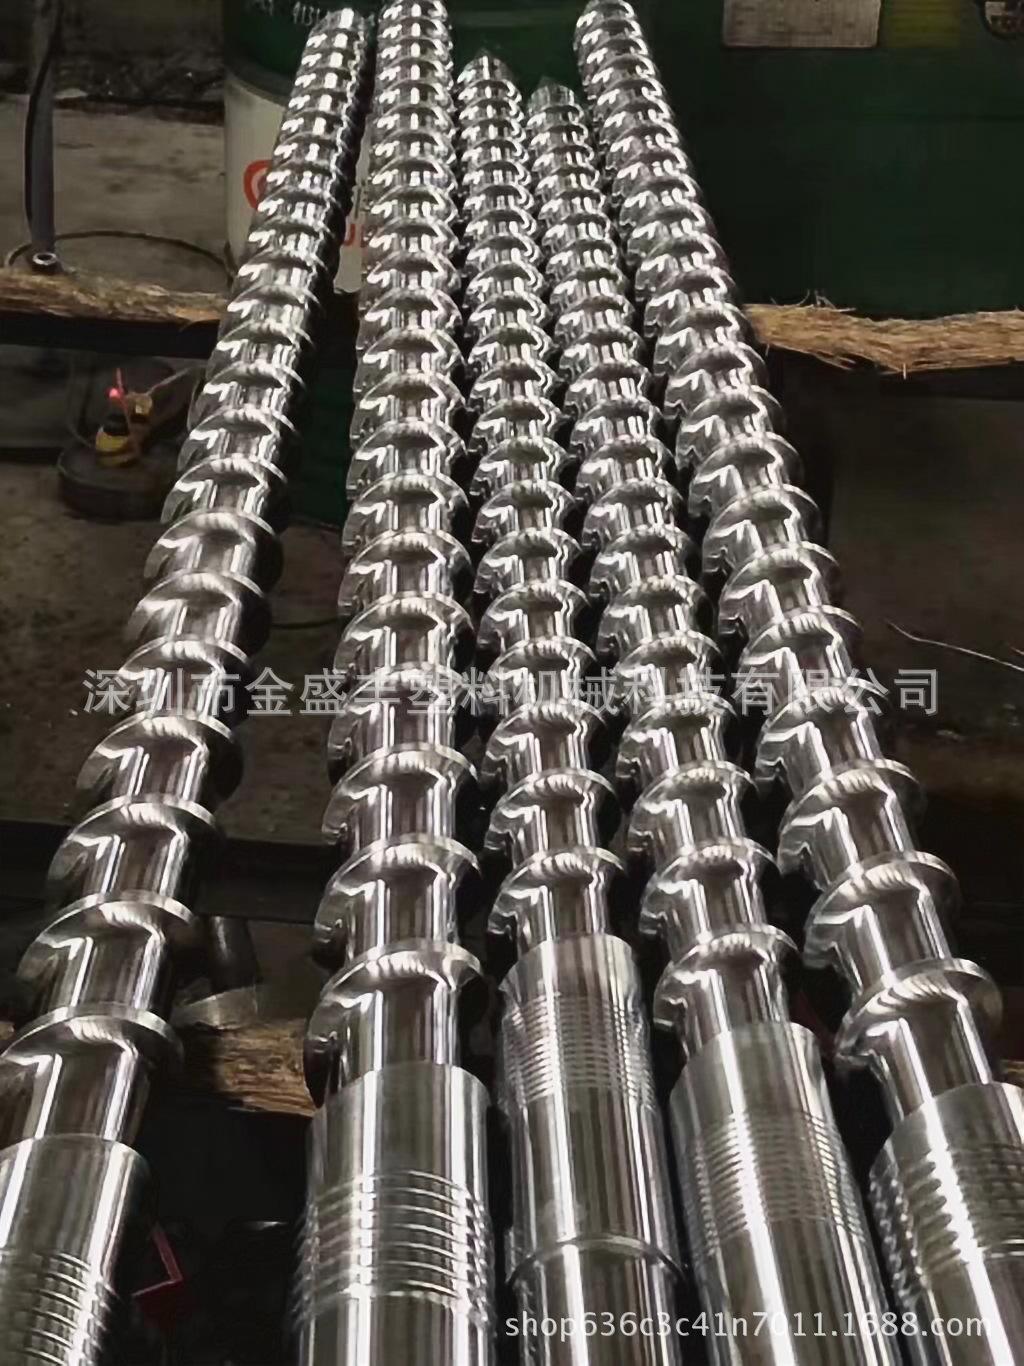 超耐磨双合金注塑机螺杆,东莞螺杆,坚固耐用